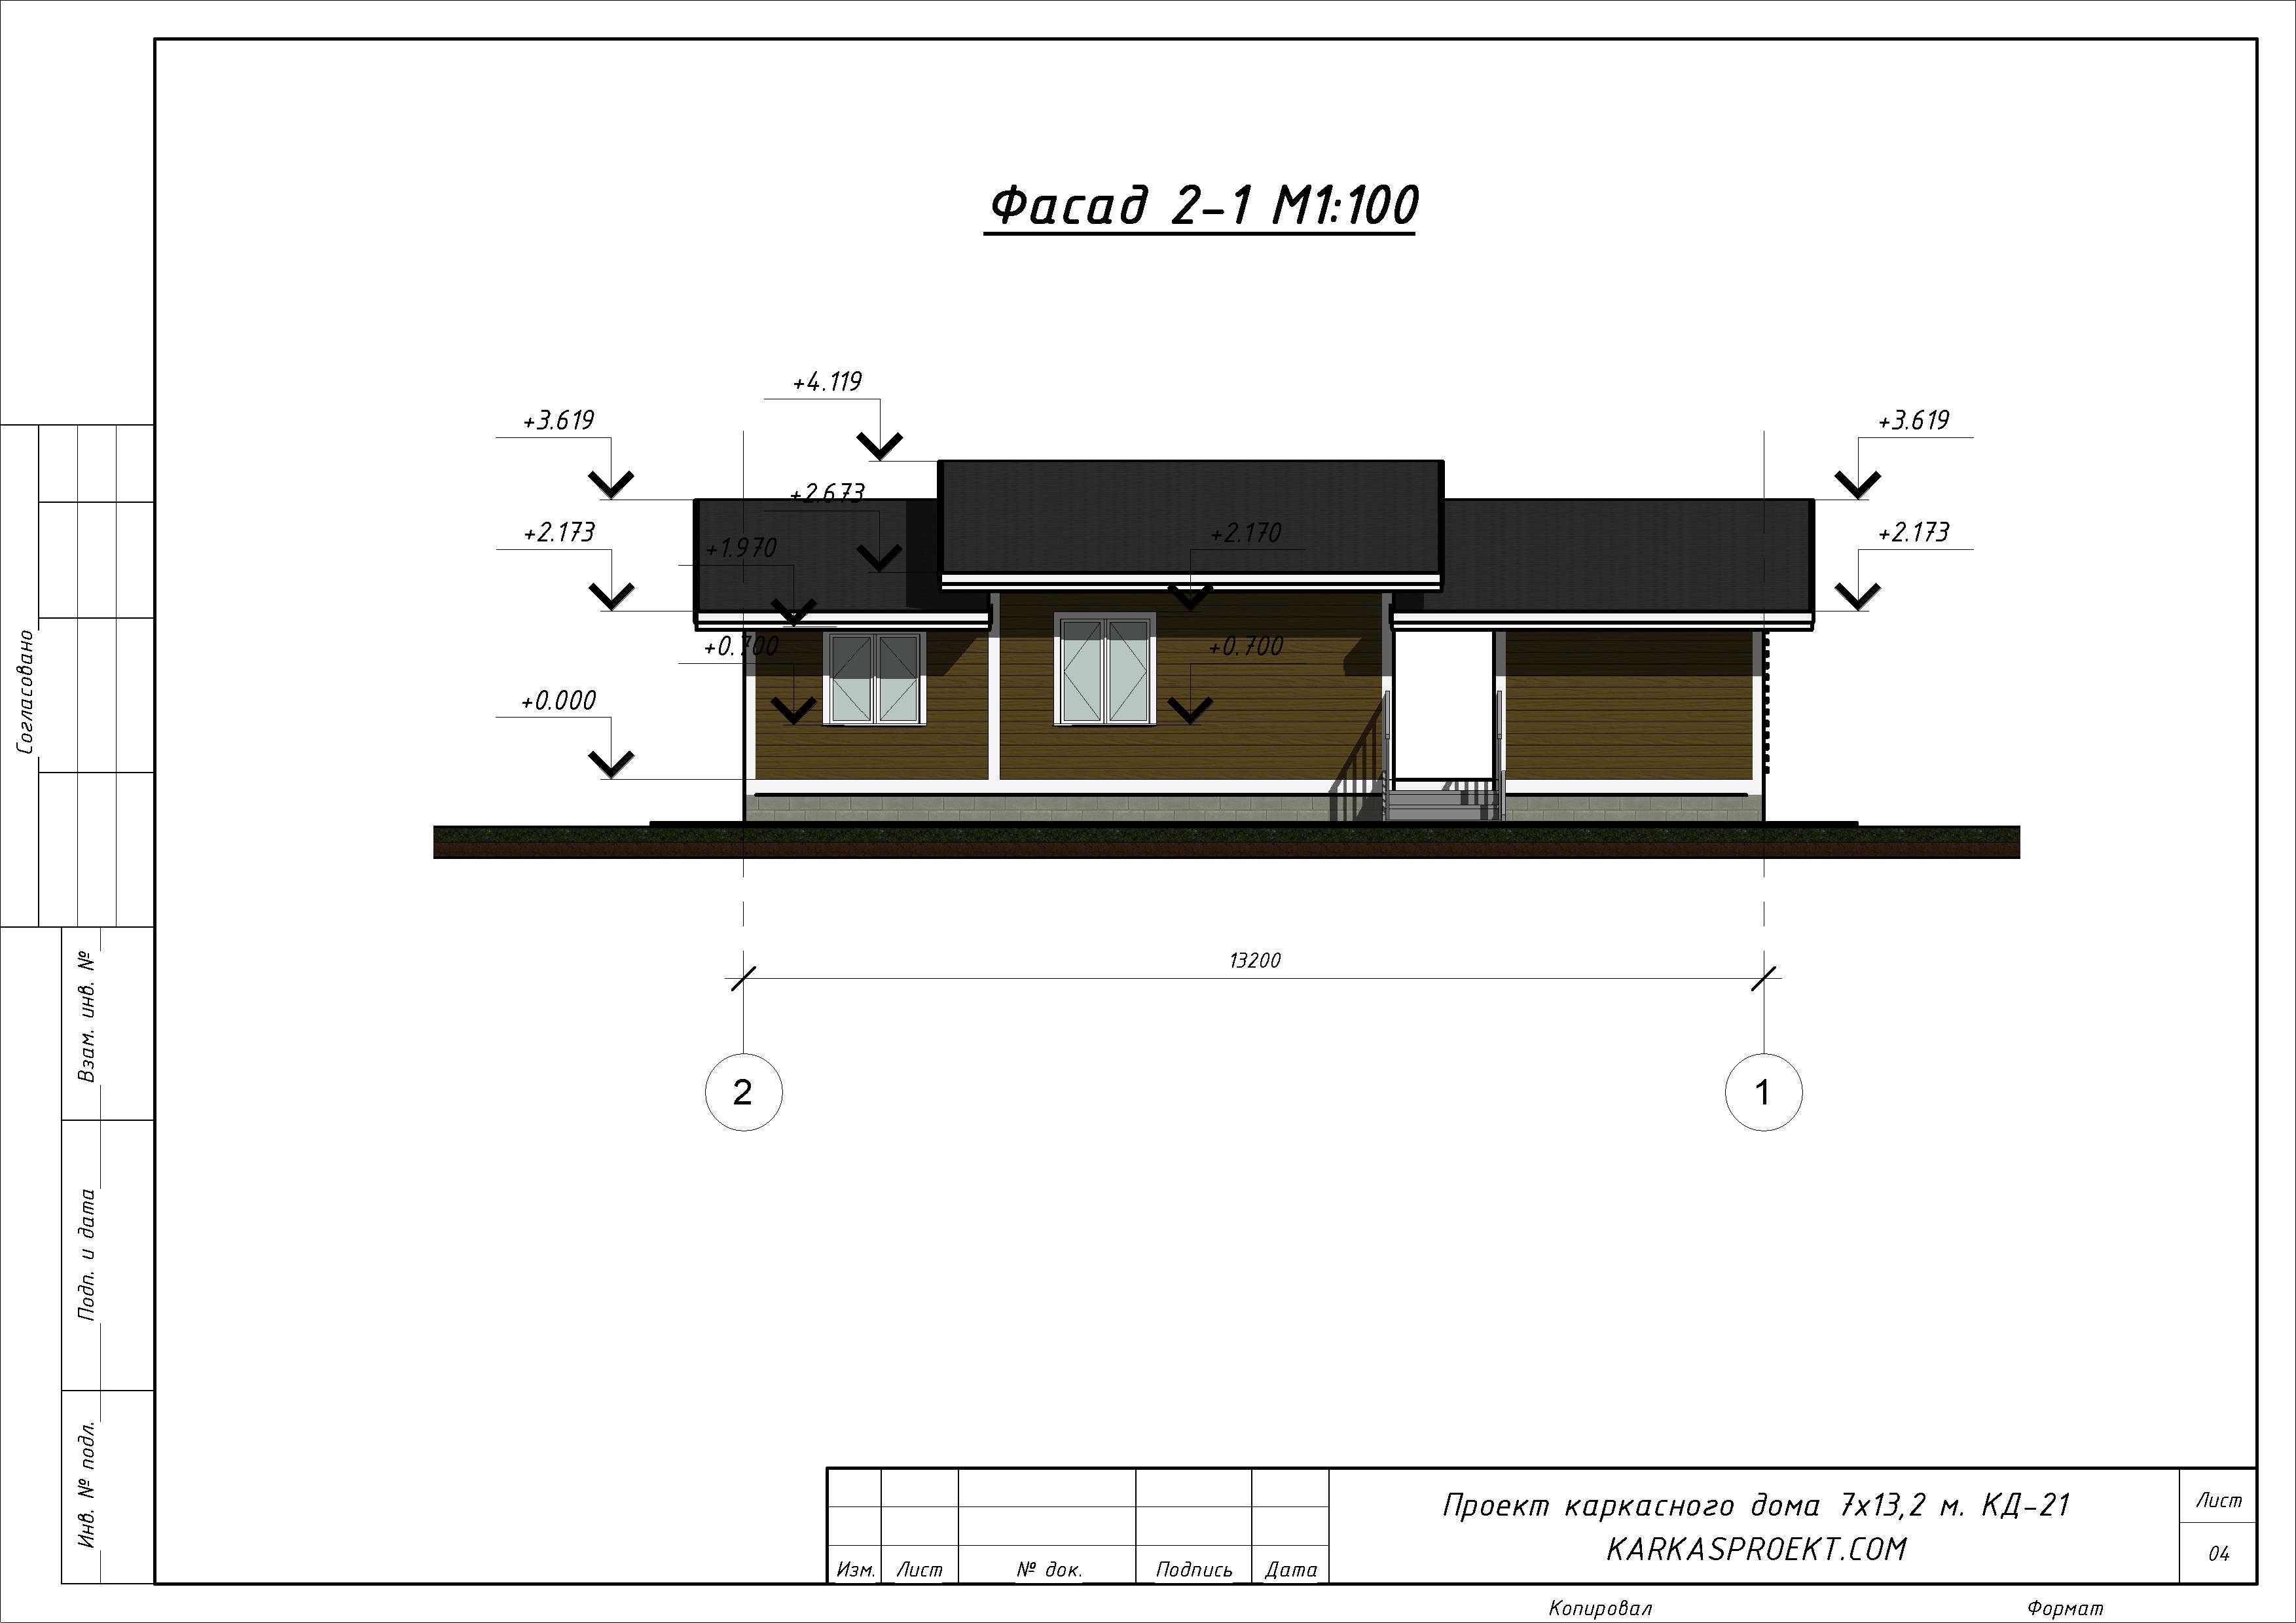 КД-21 - Фасад 2-1